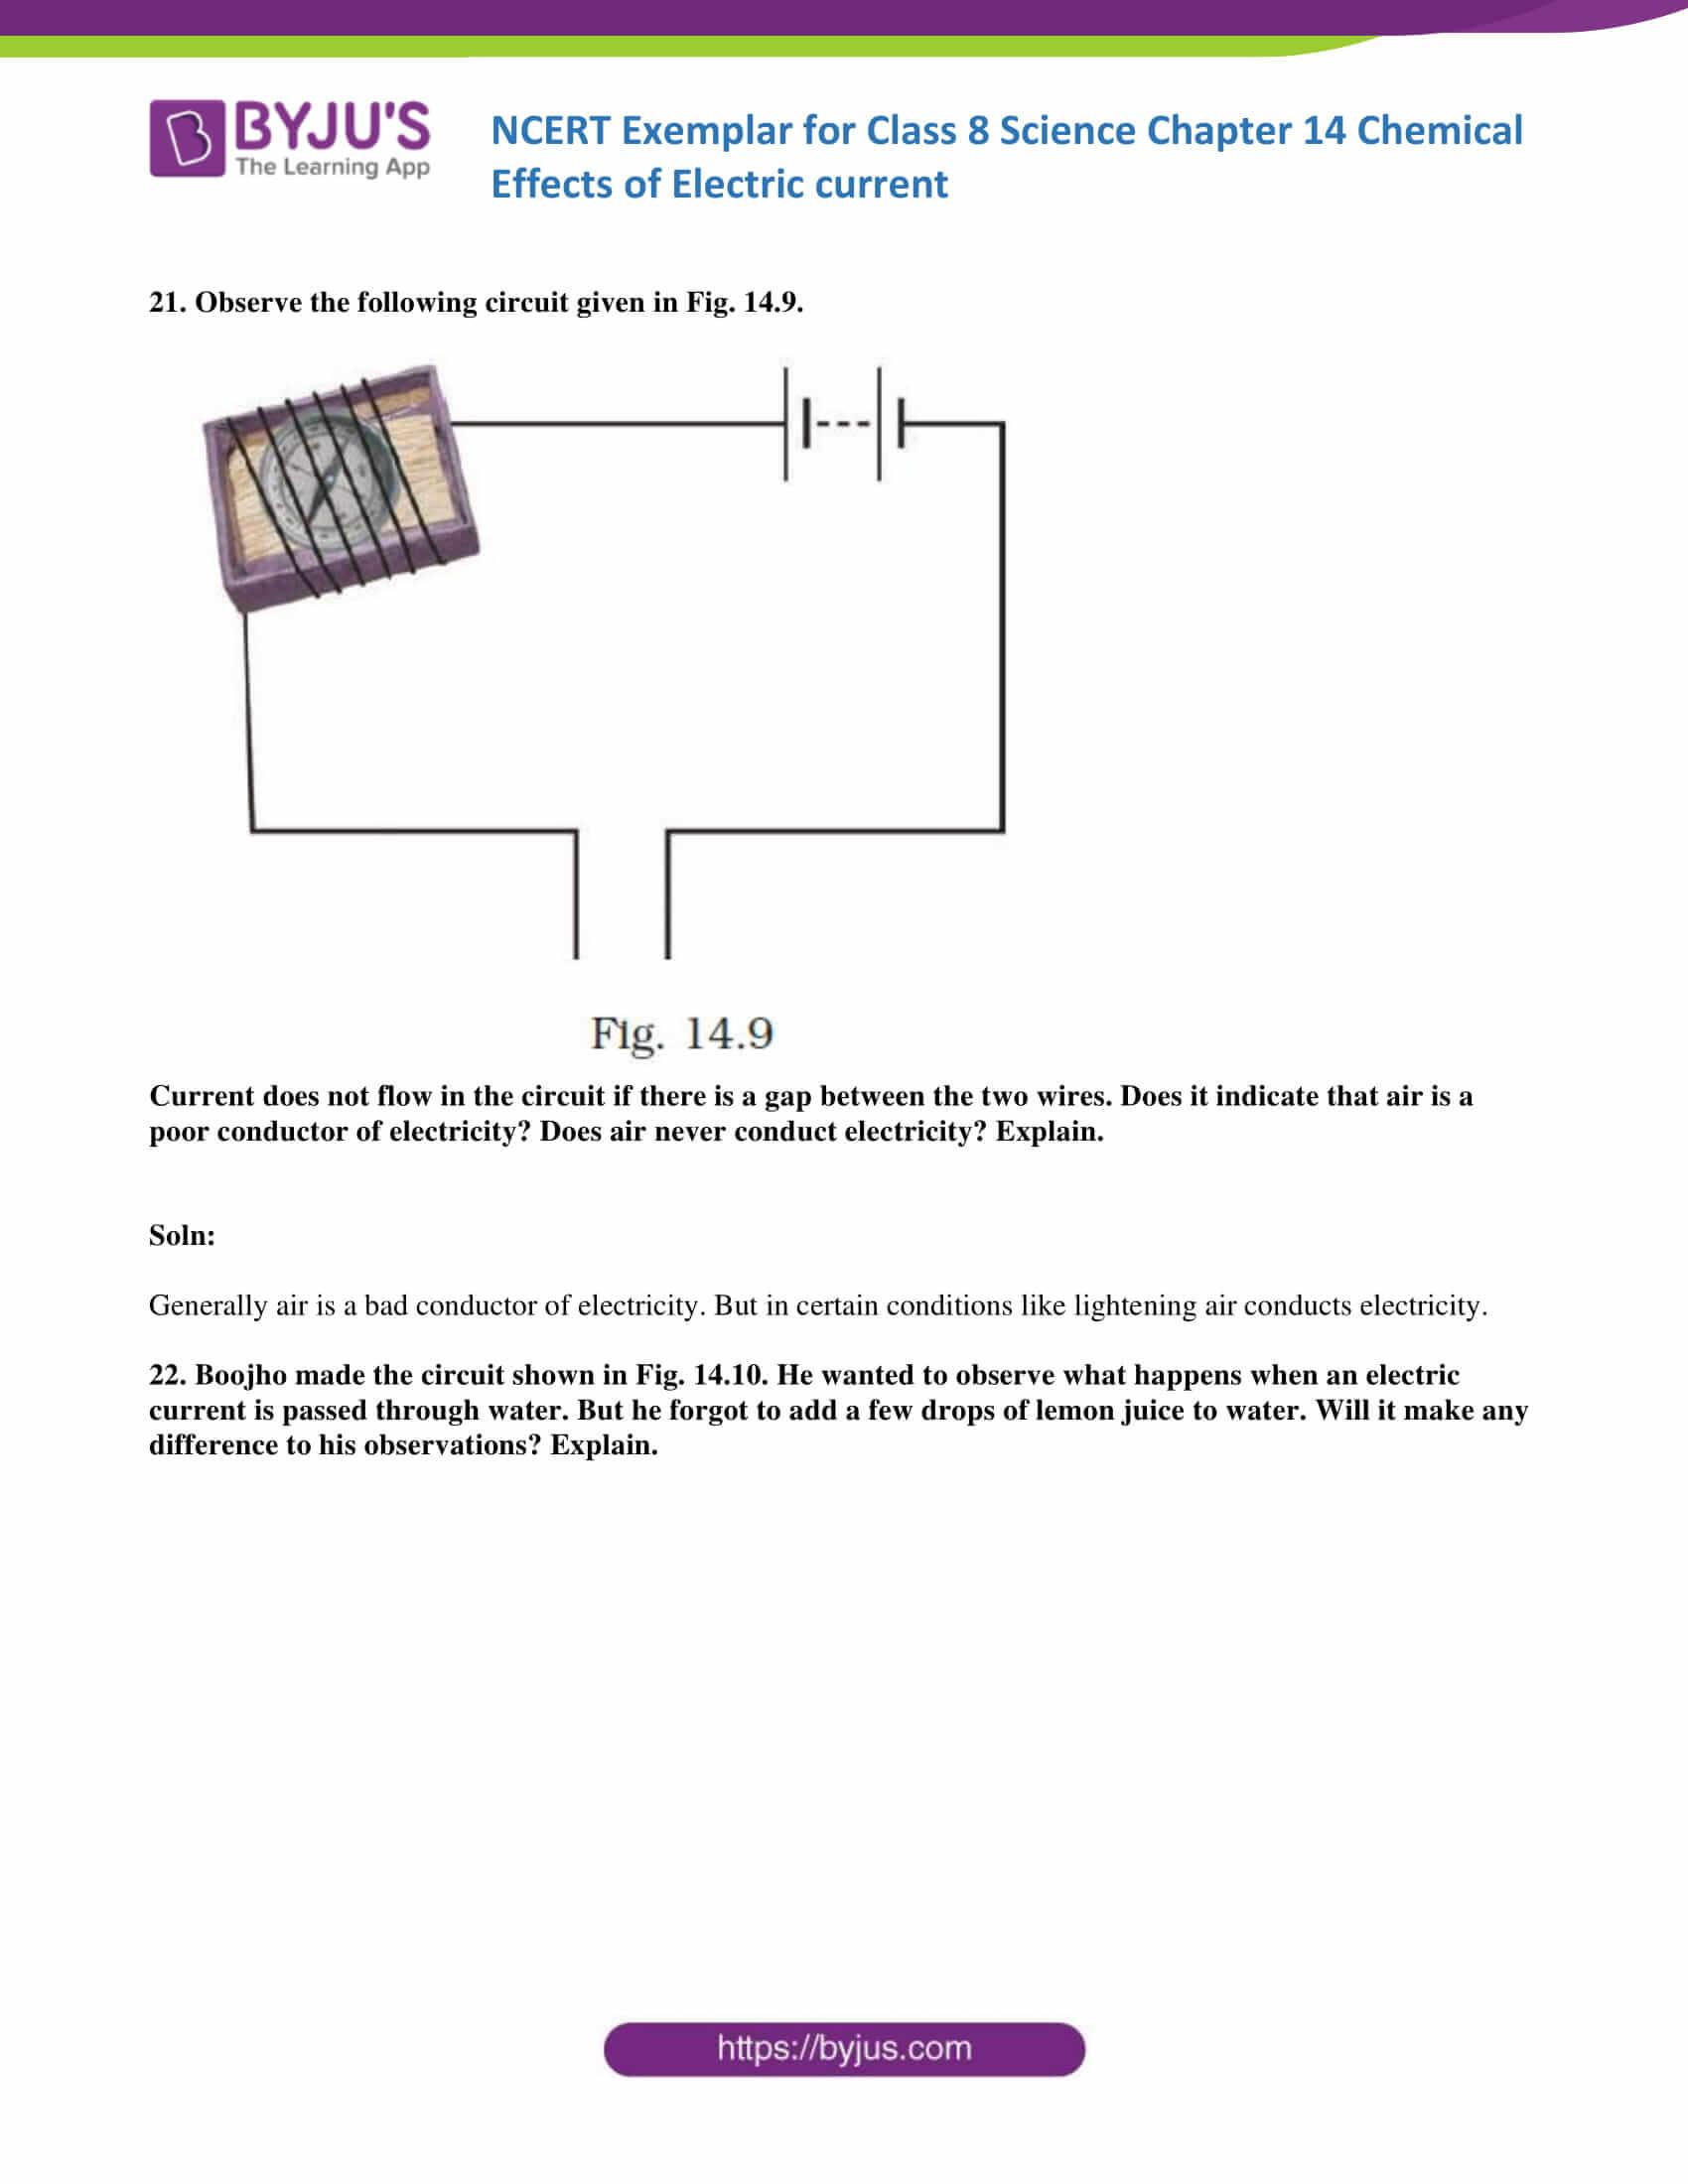 NCERT Exemplar solution class 8 science chapter 14 part 12